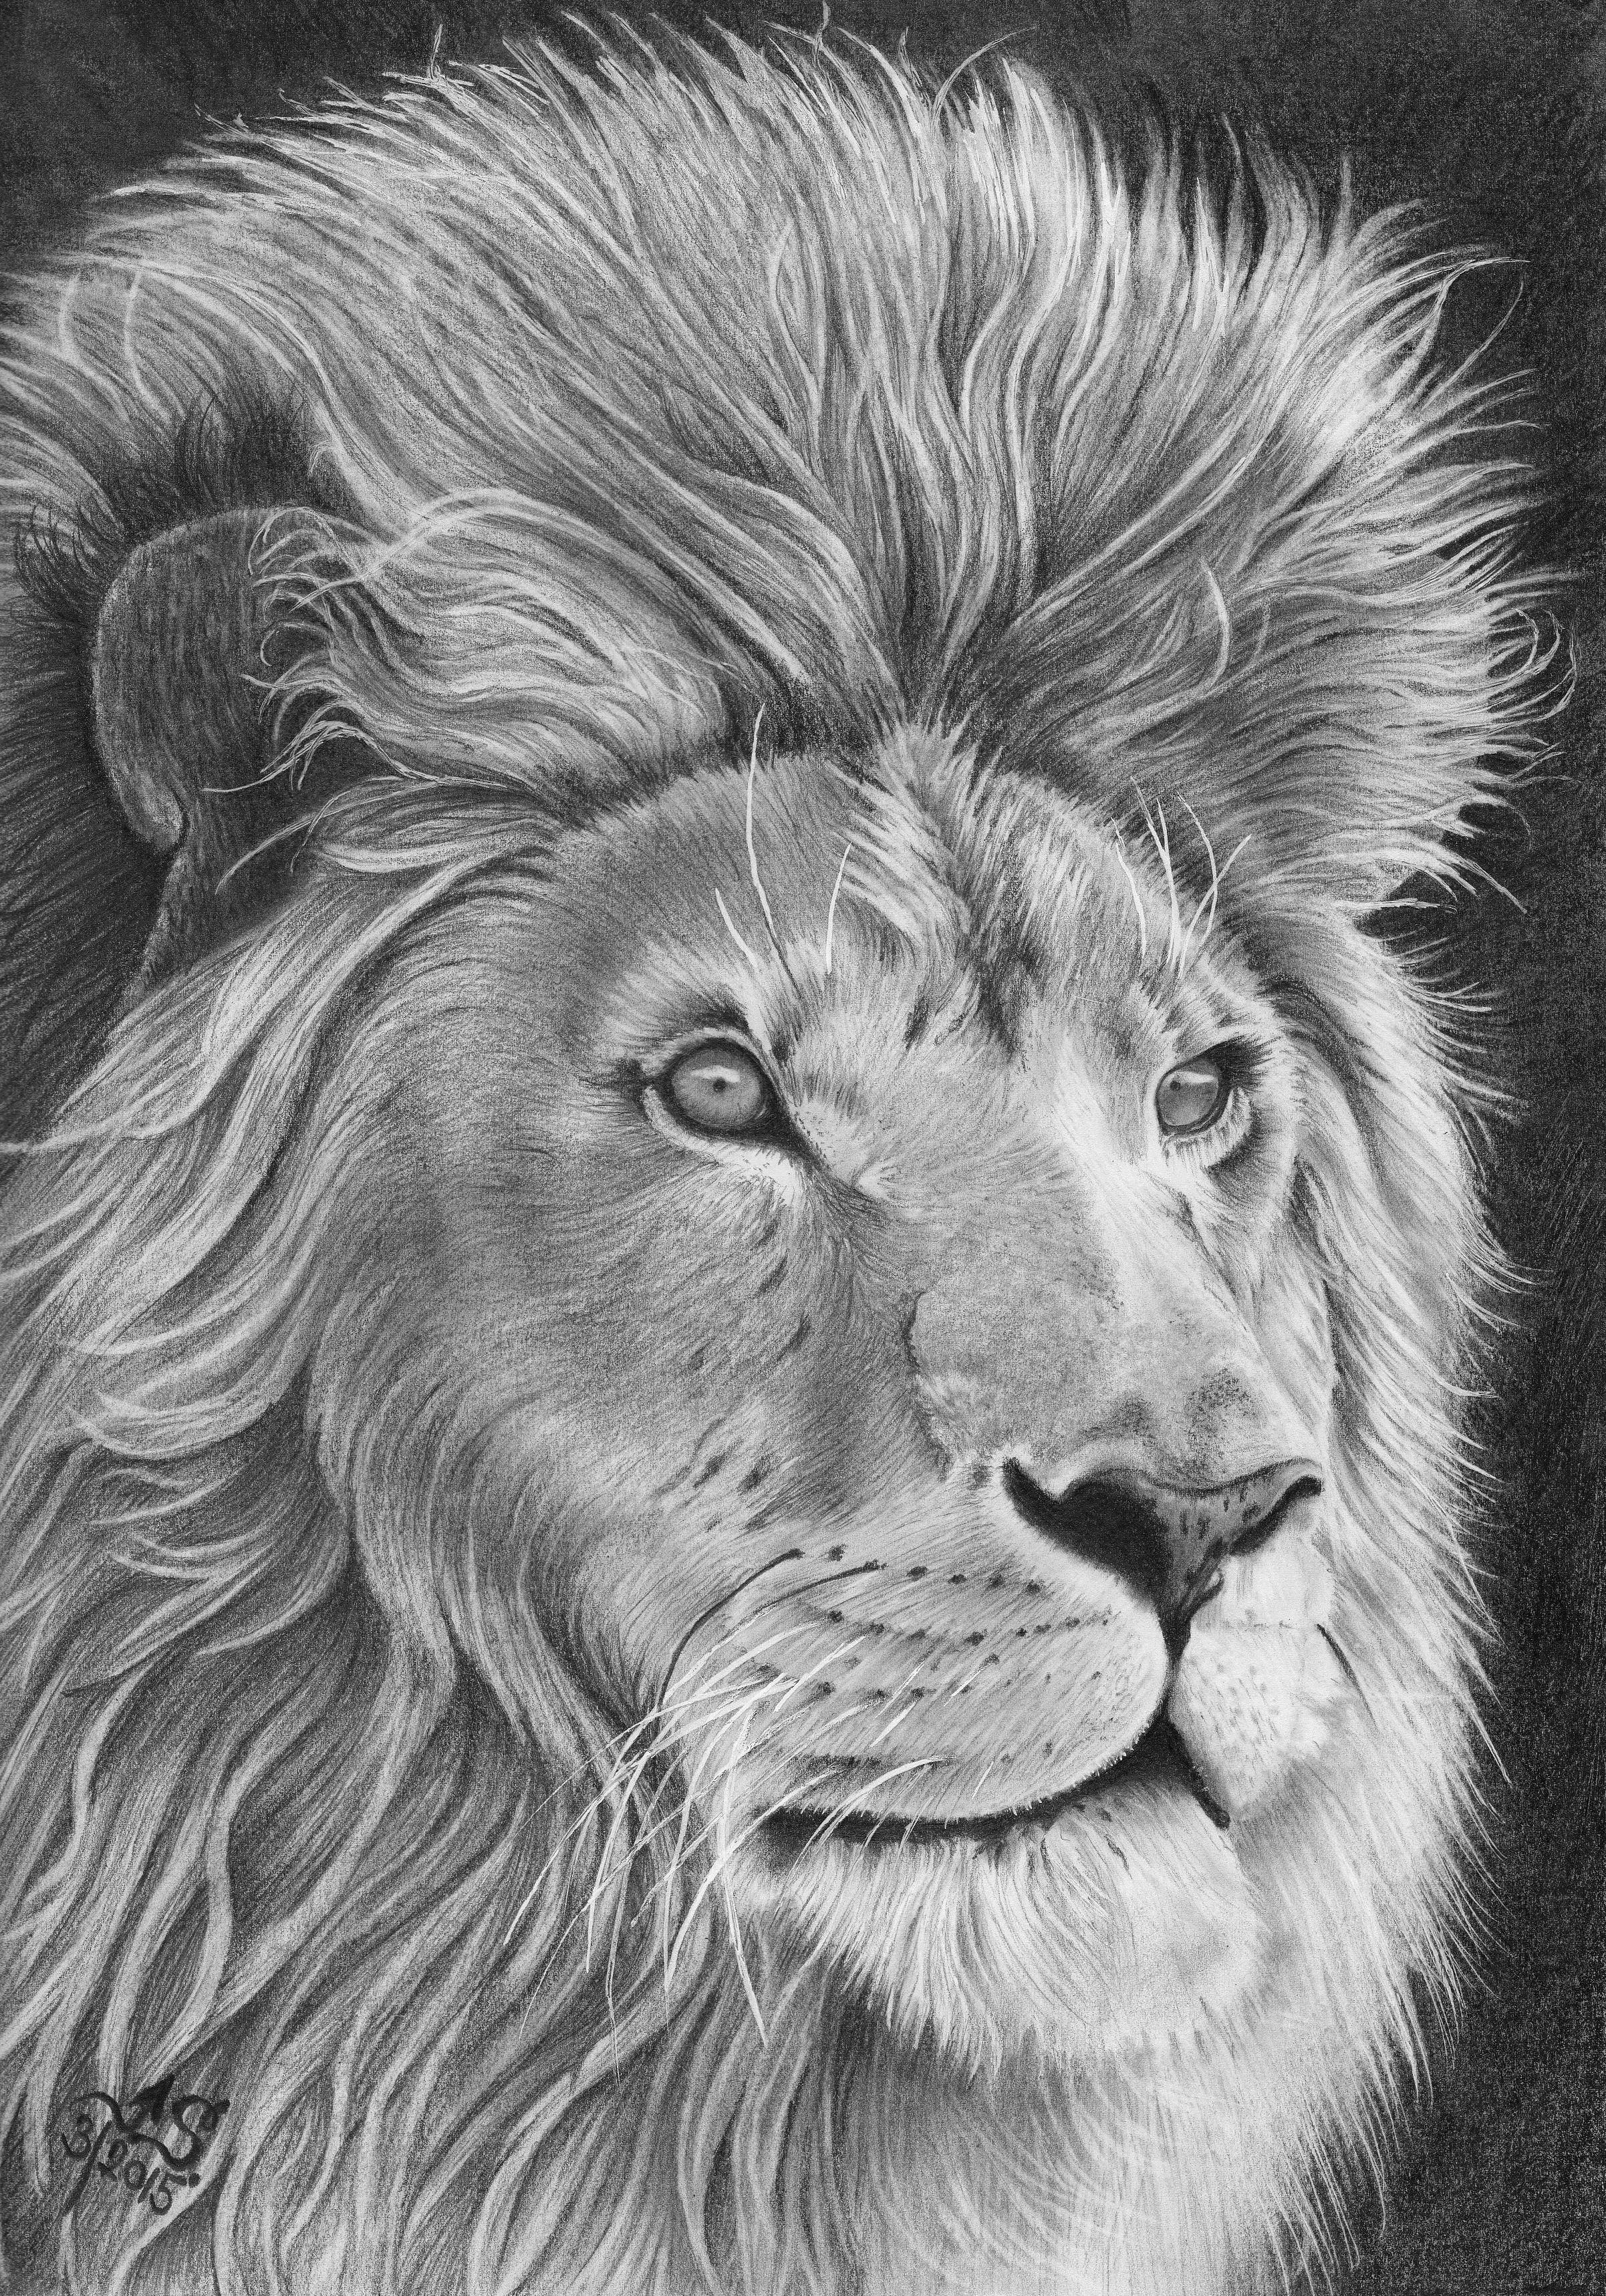 Portret Lev Kresba Tuzkou Na A4 Lion King Kresba My Pencil